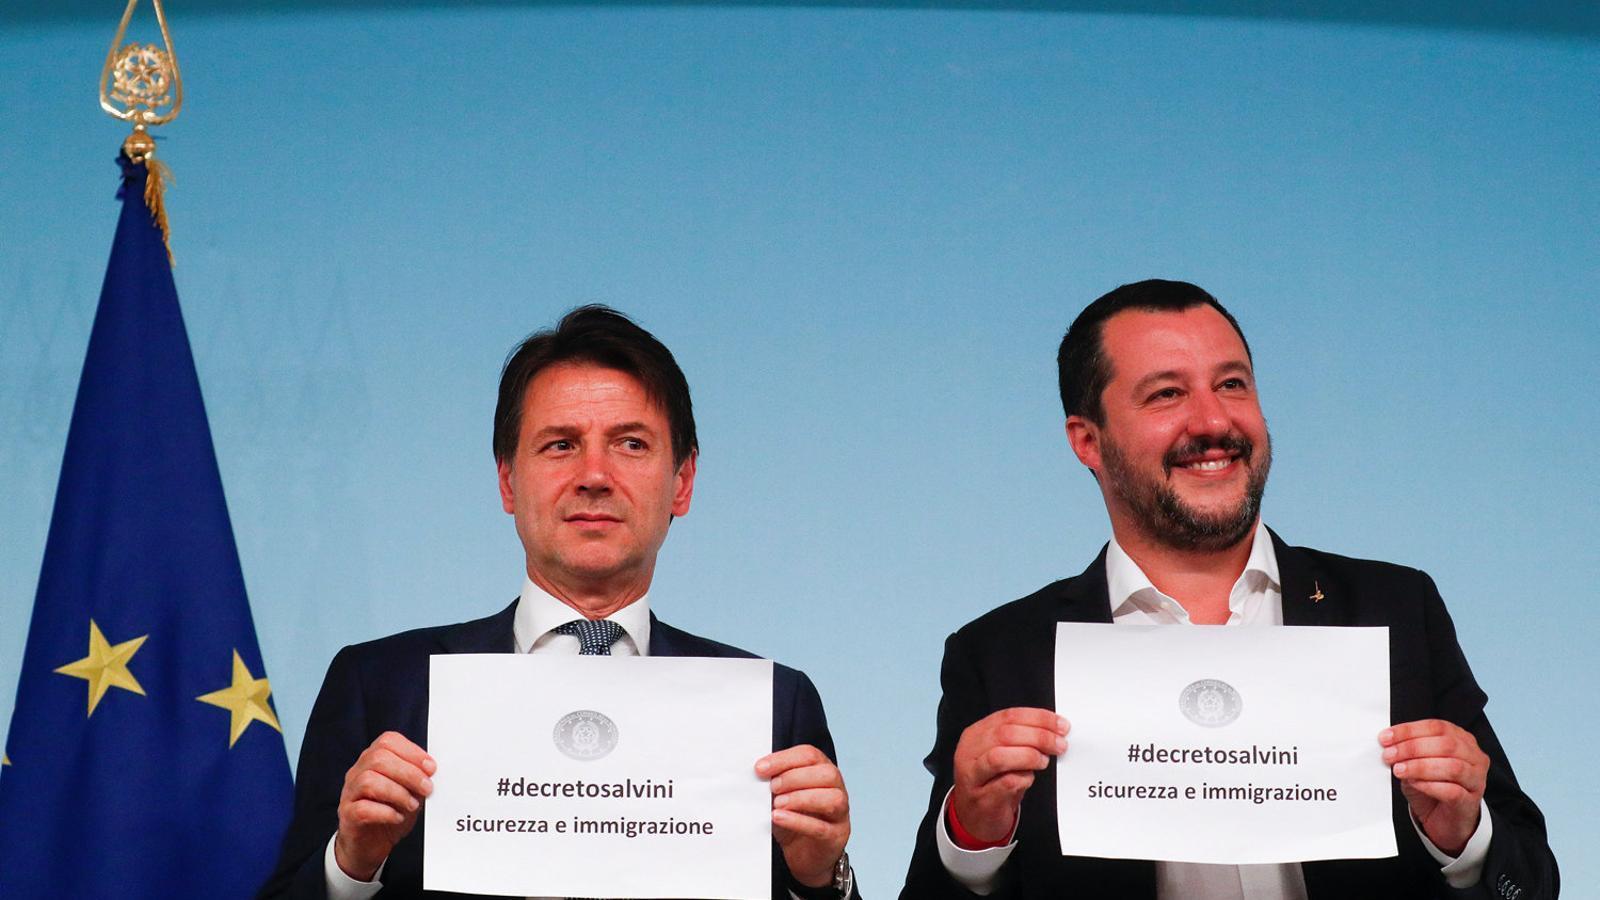 El govern italià dona suport al decret Salvini sobre immigració